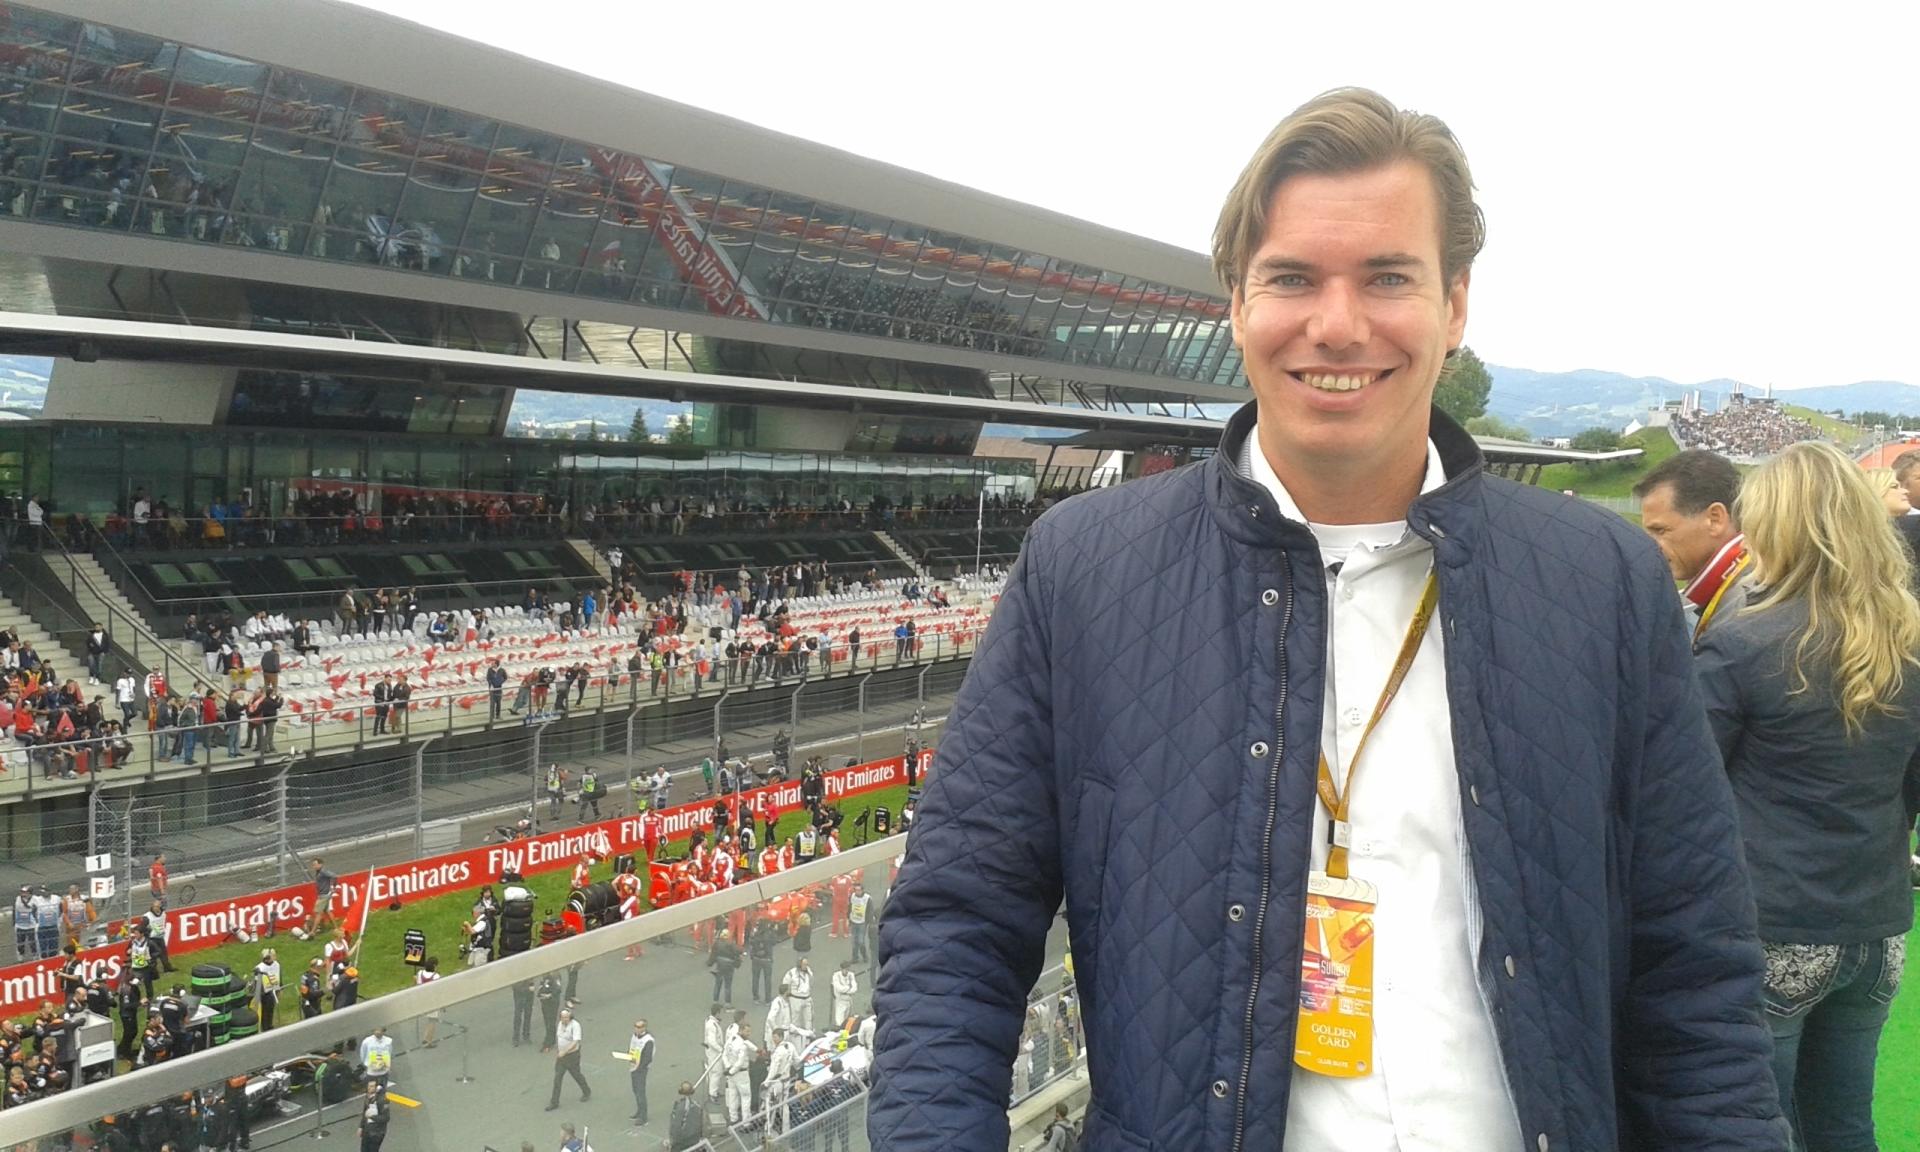 Alexander motorsport